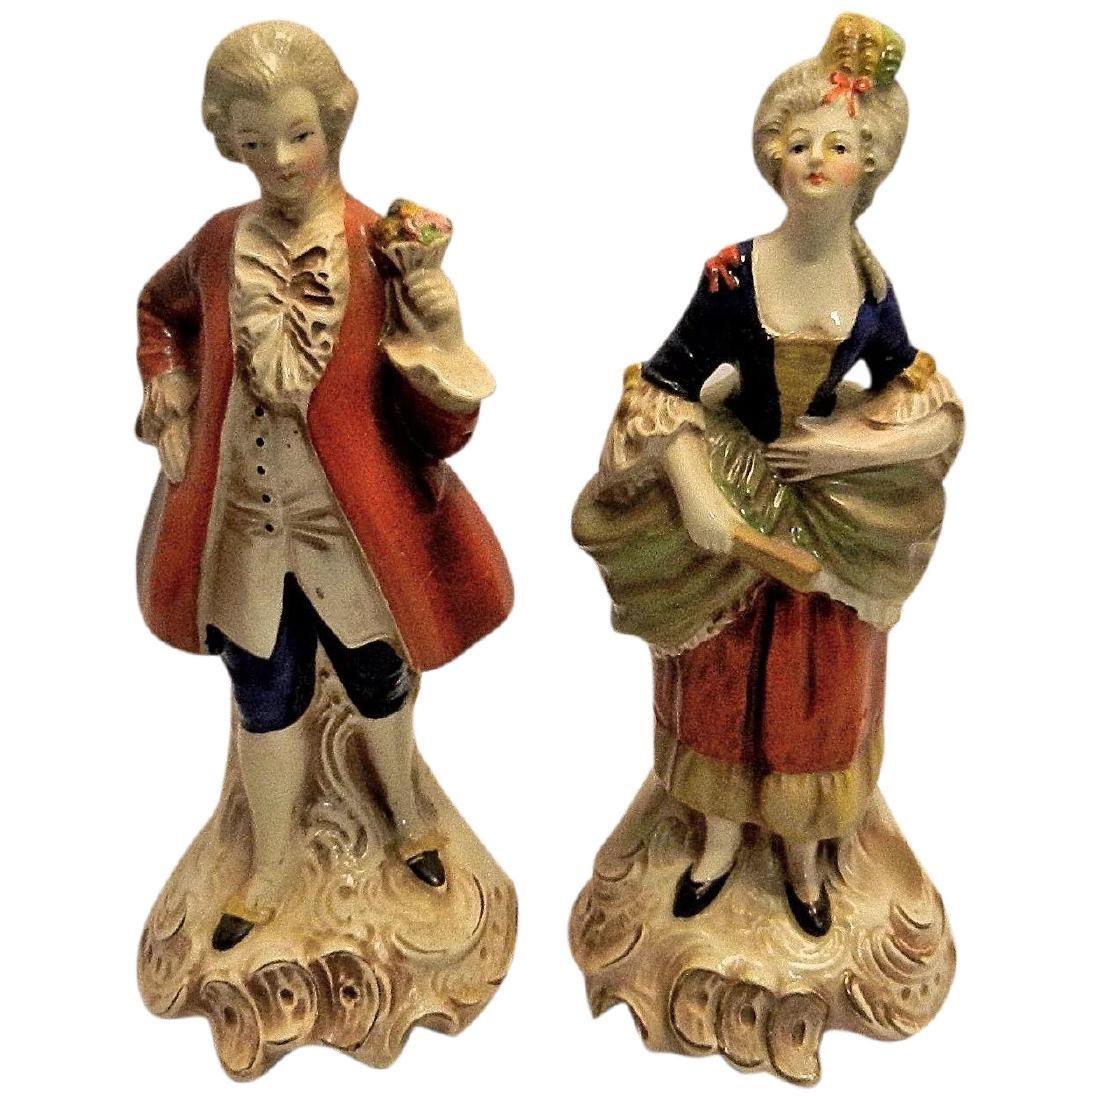 Vintage Pair of W. Goebel Victorian Figurines Made in